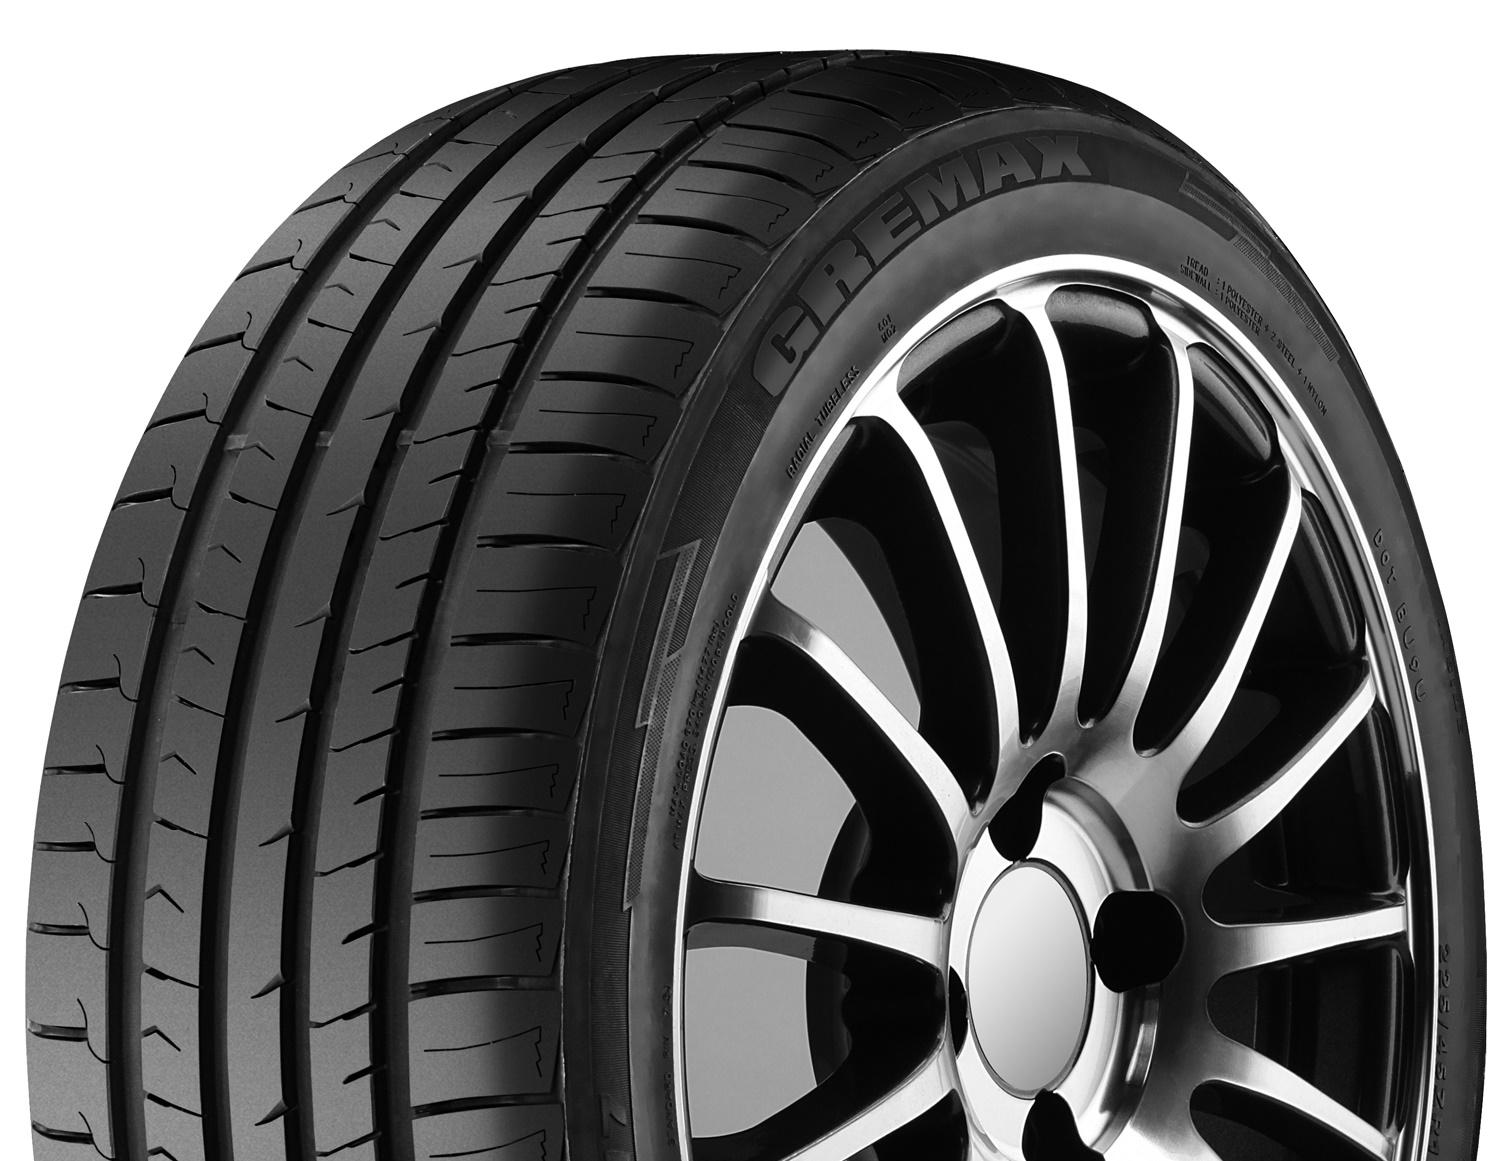 GREMAX capturar cr07 205/55 R16 91V, letní pneu, osobní a SUV